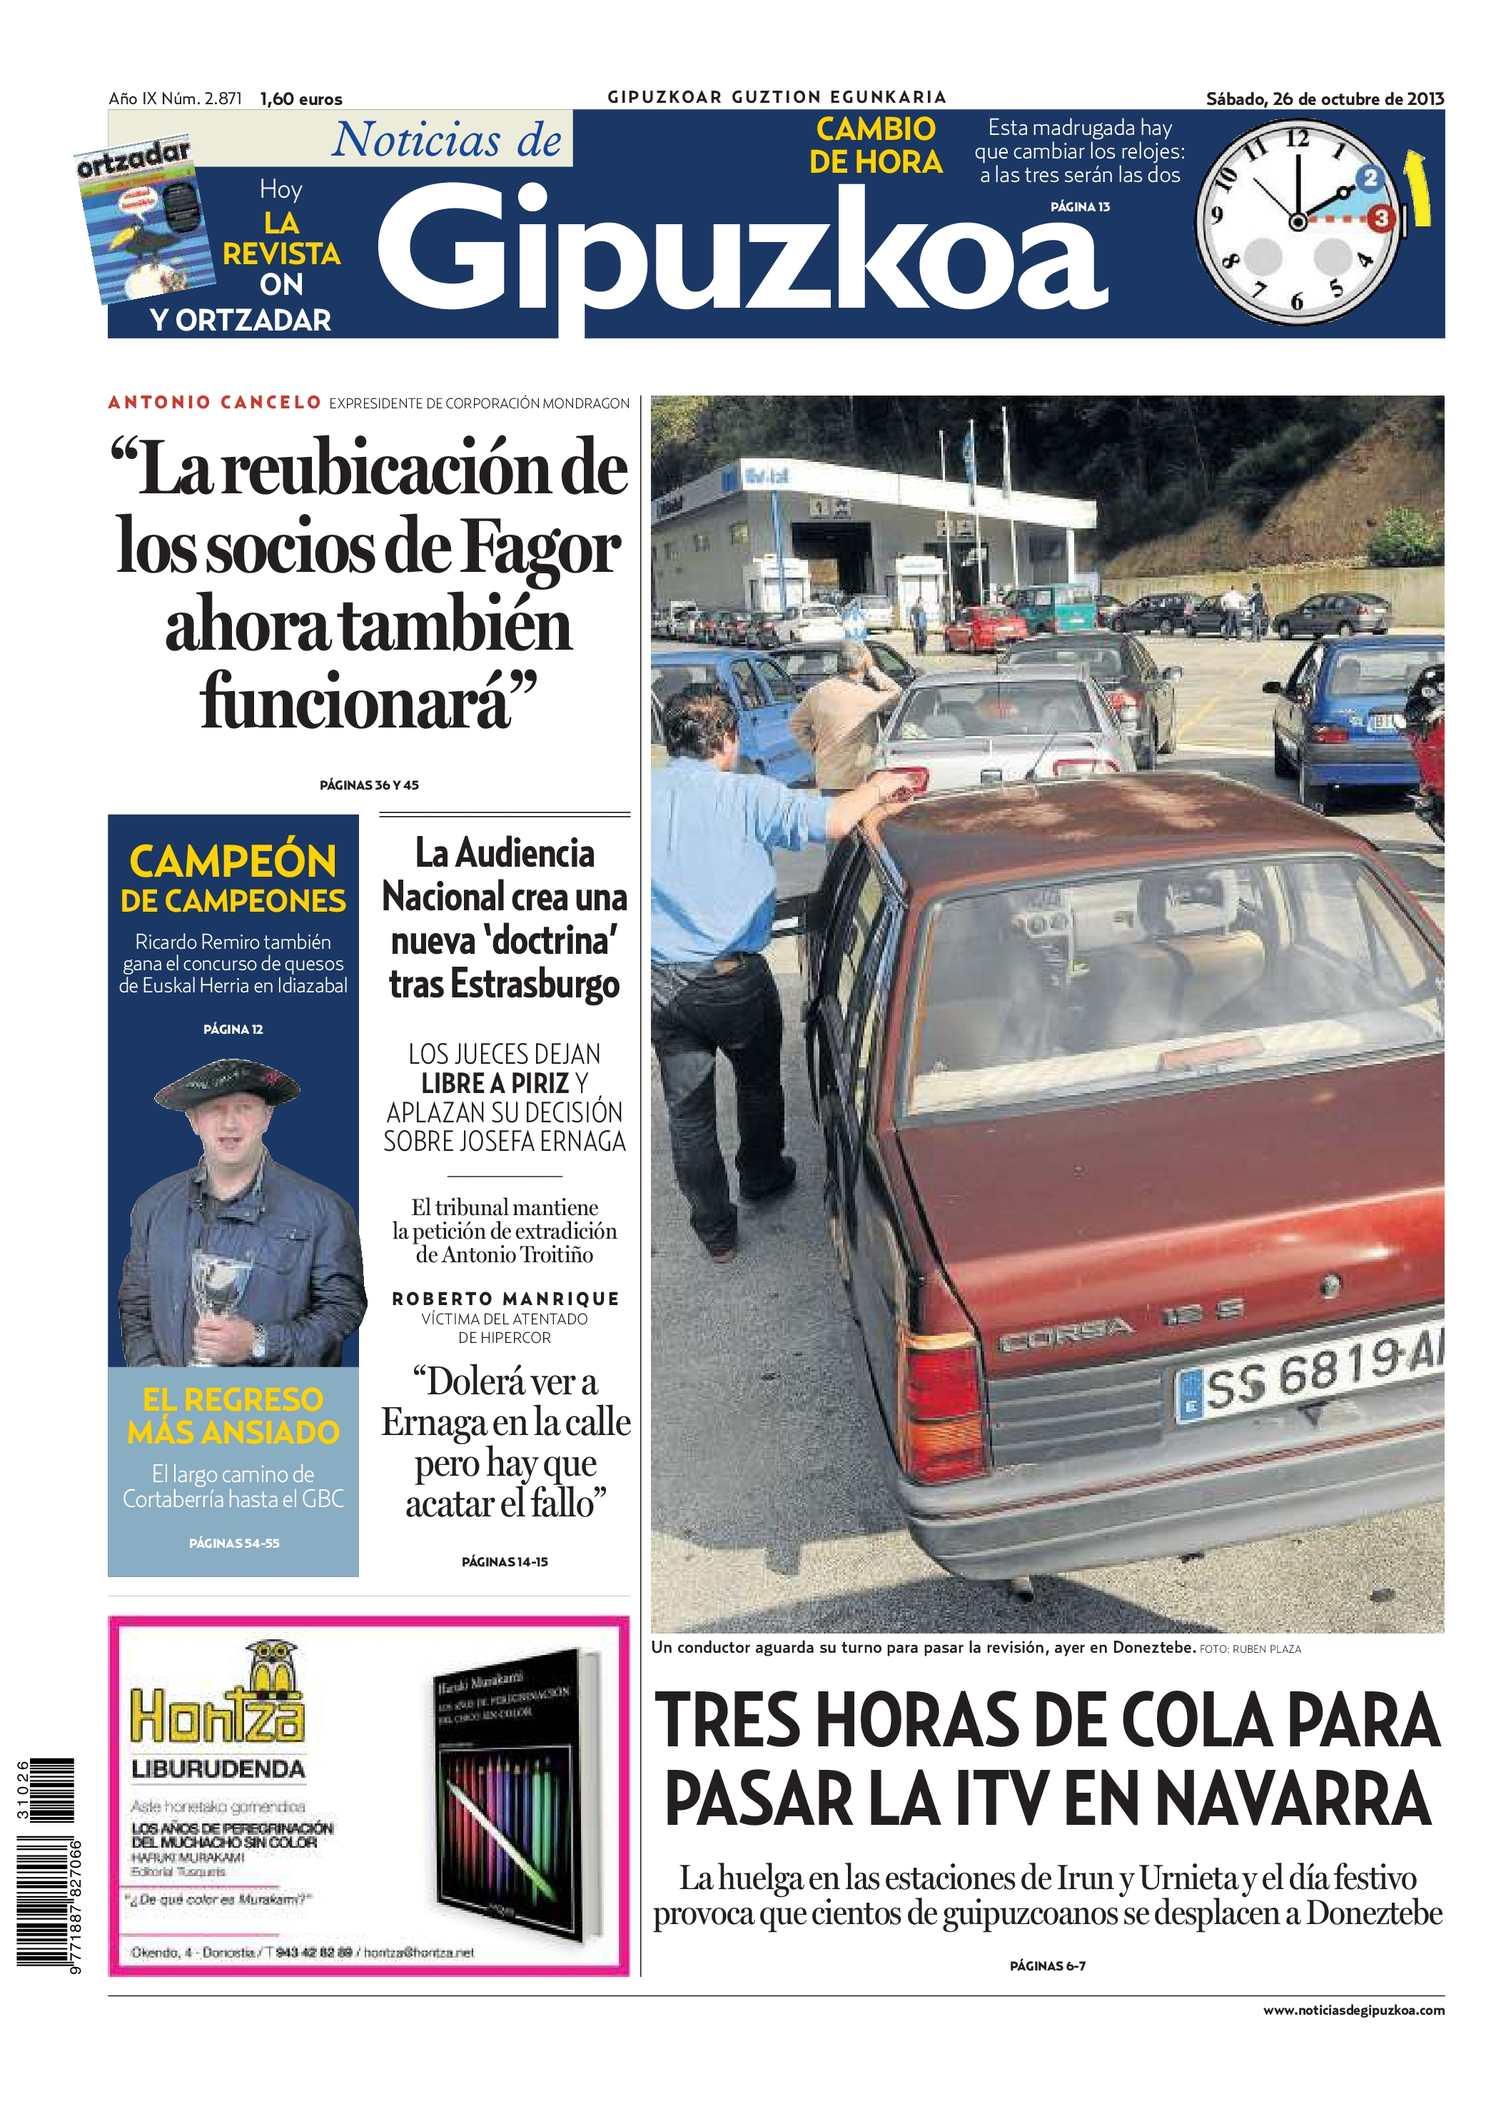 ab95aebf36b Calaméo - Noticias de Gipuzkoa 20131026